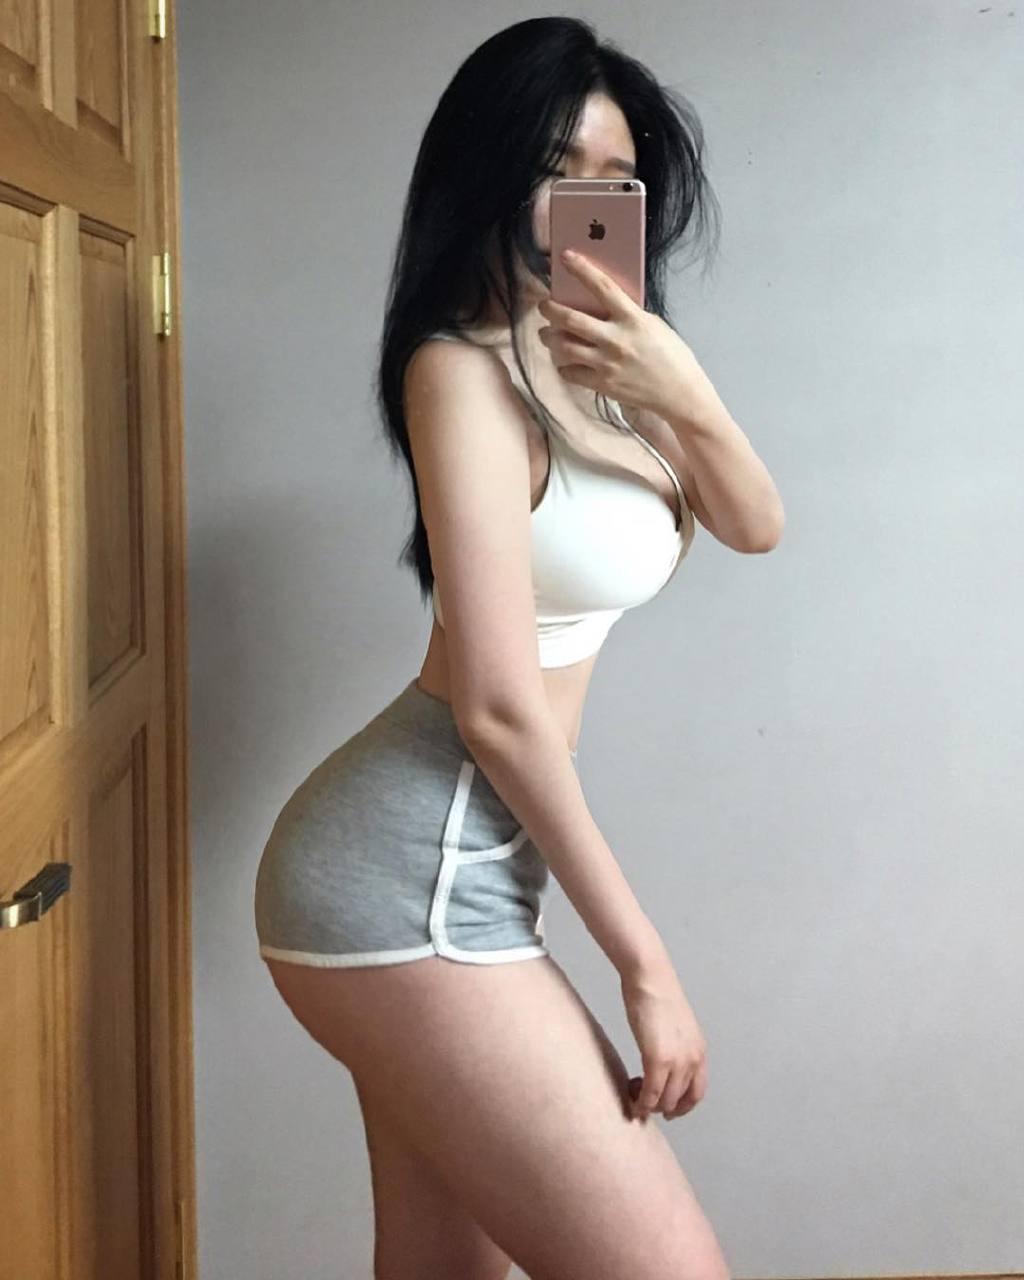 妹子图:爱健身的S型